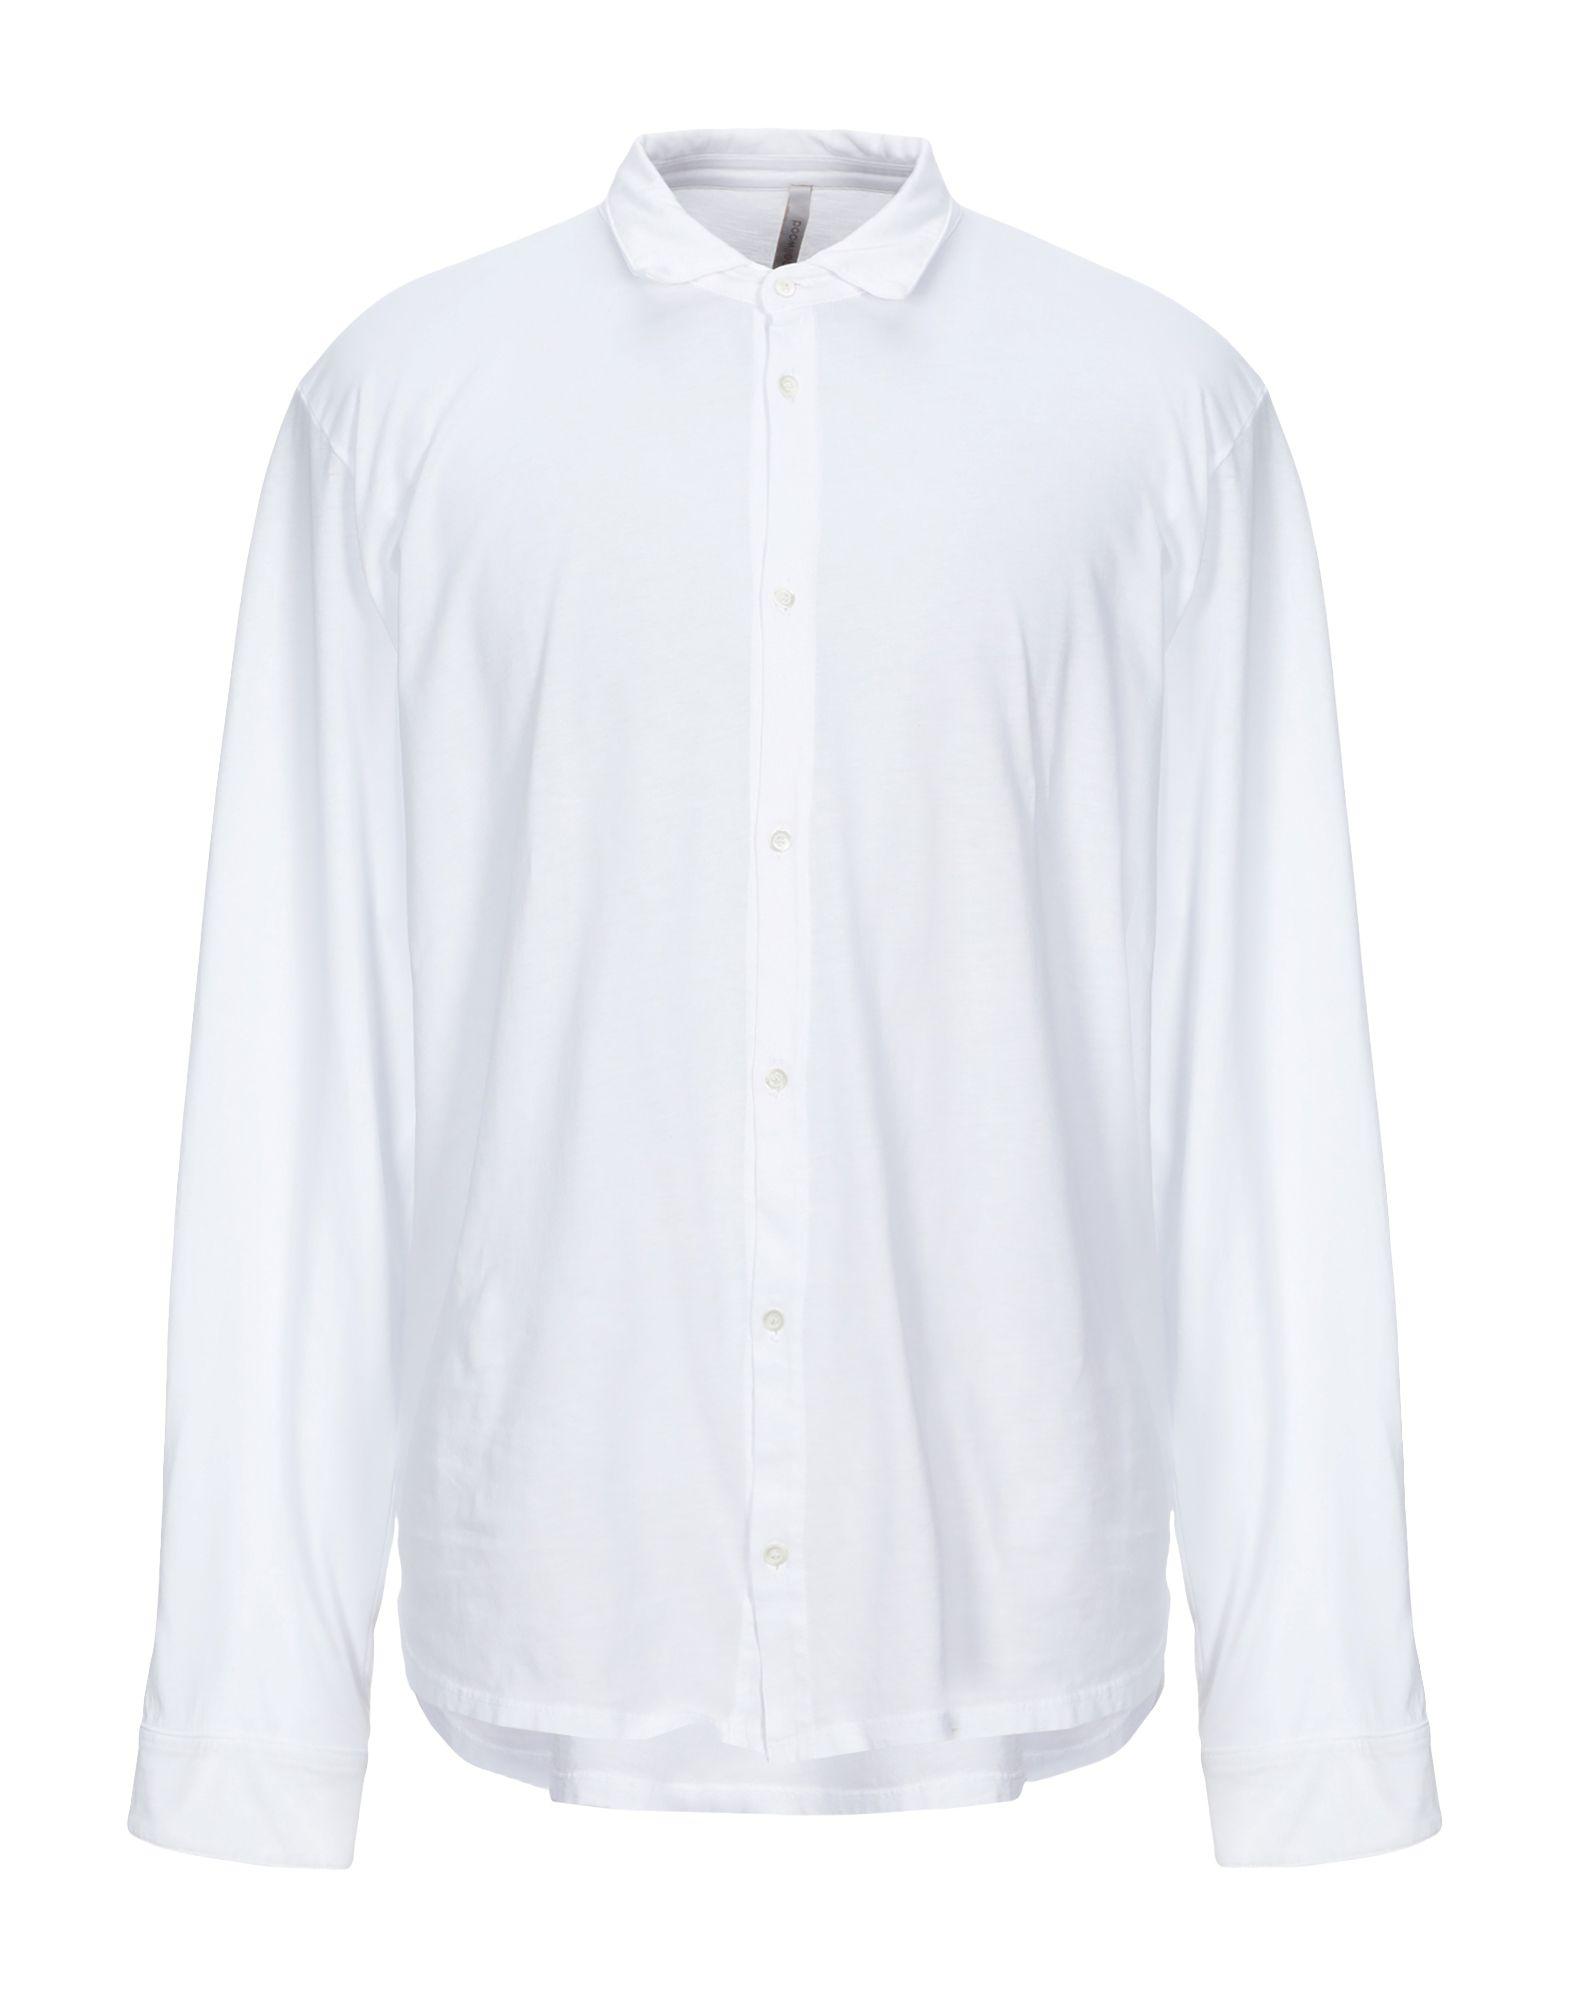 Рубашка без пуговиц картинка